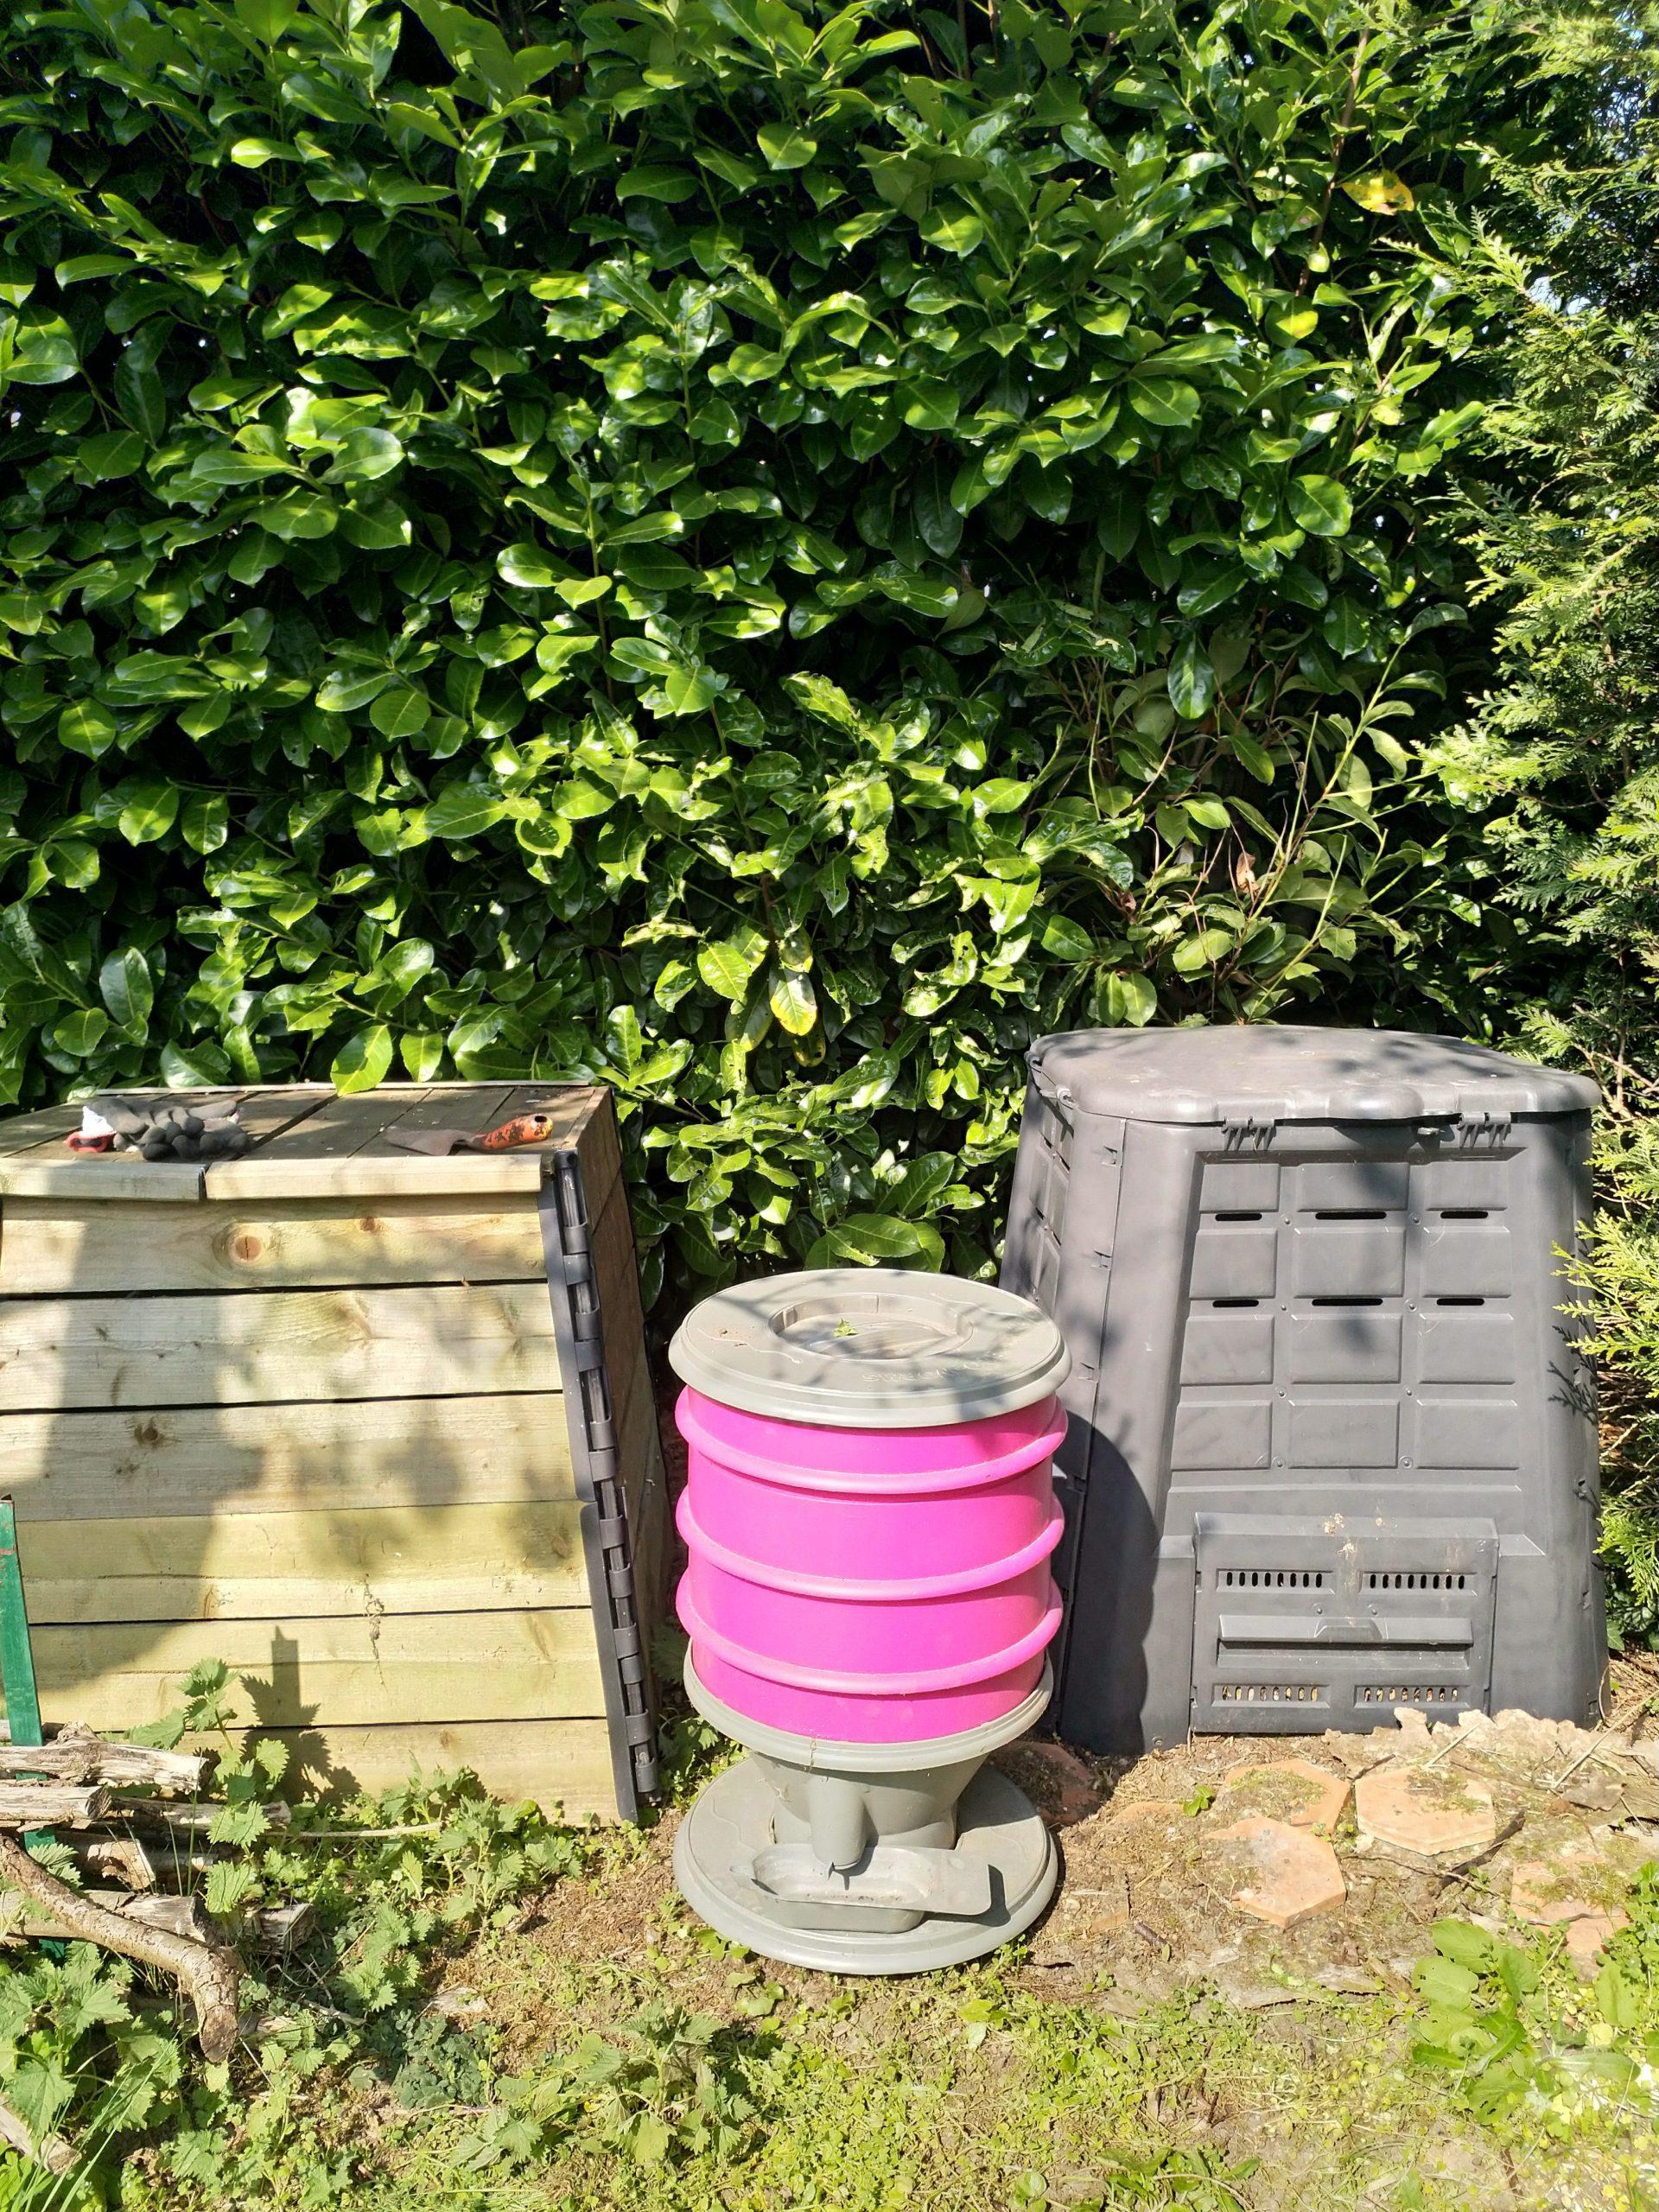 Vos images Tous au compost : lombricomposteur citadin rose